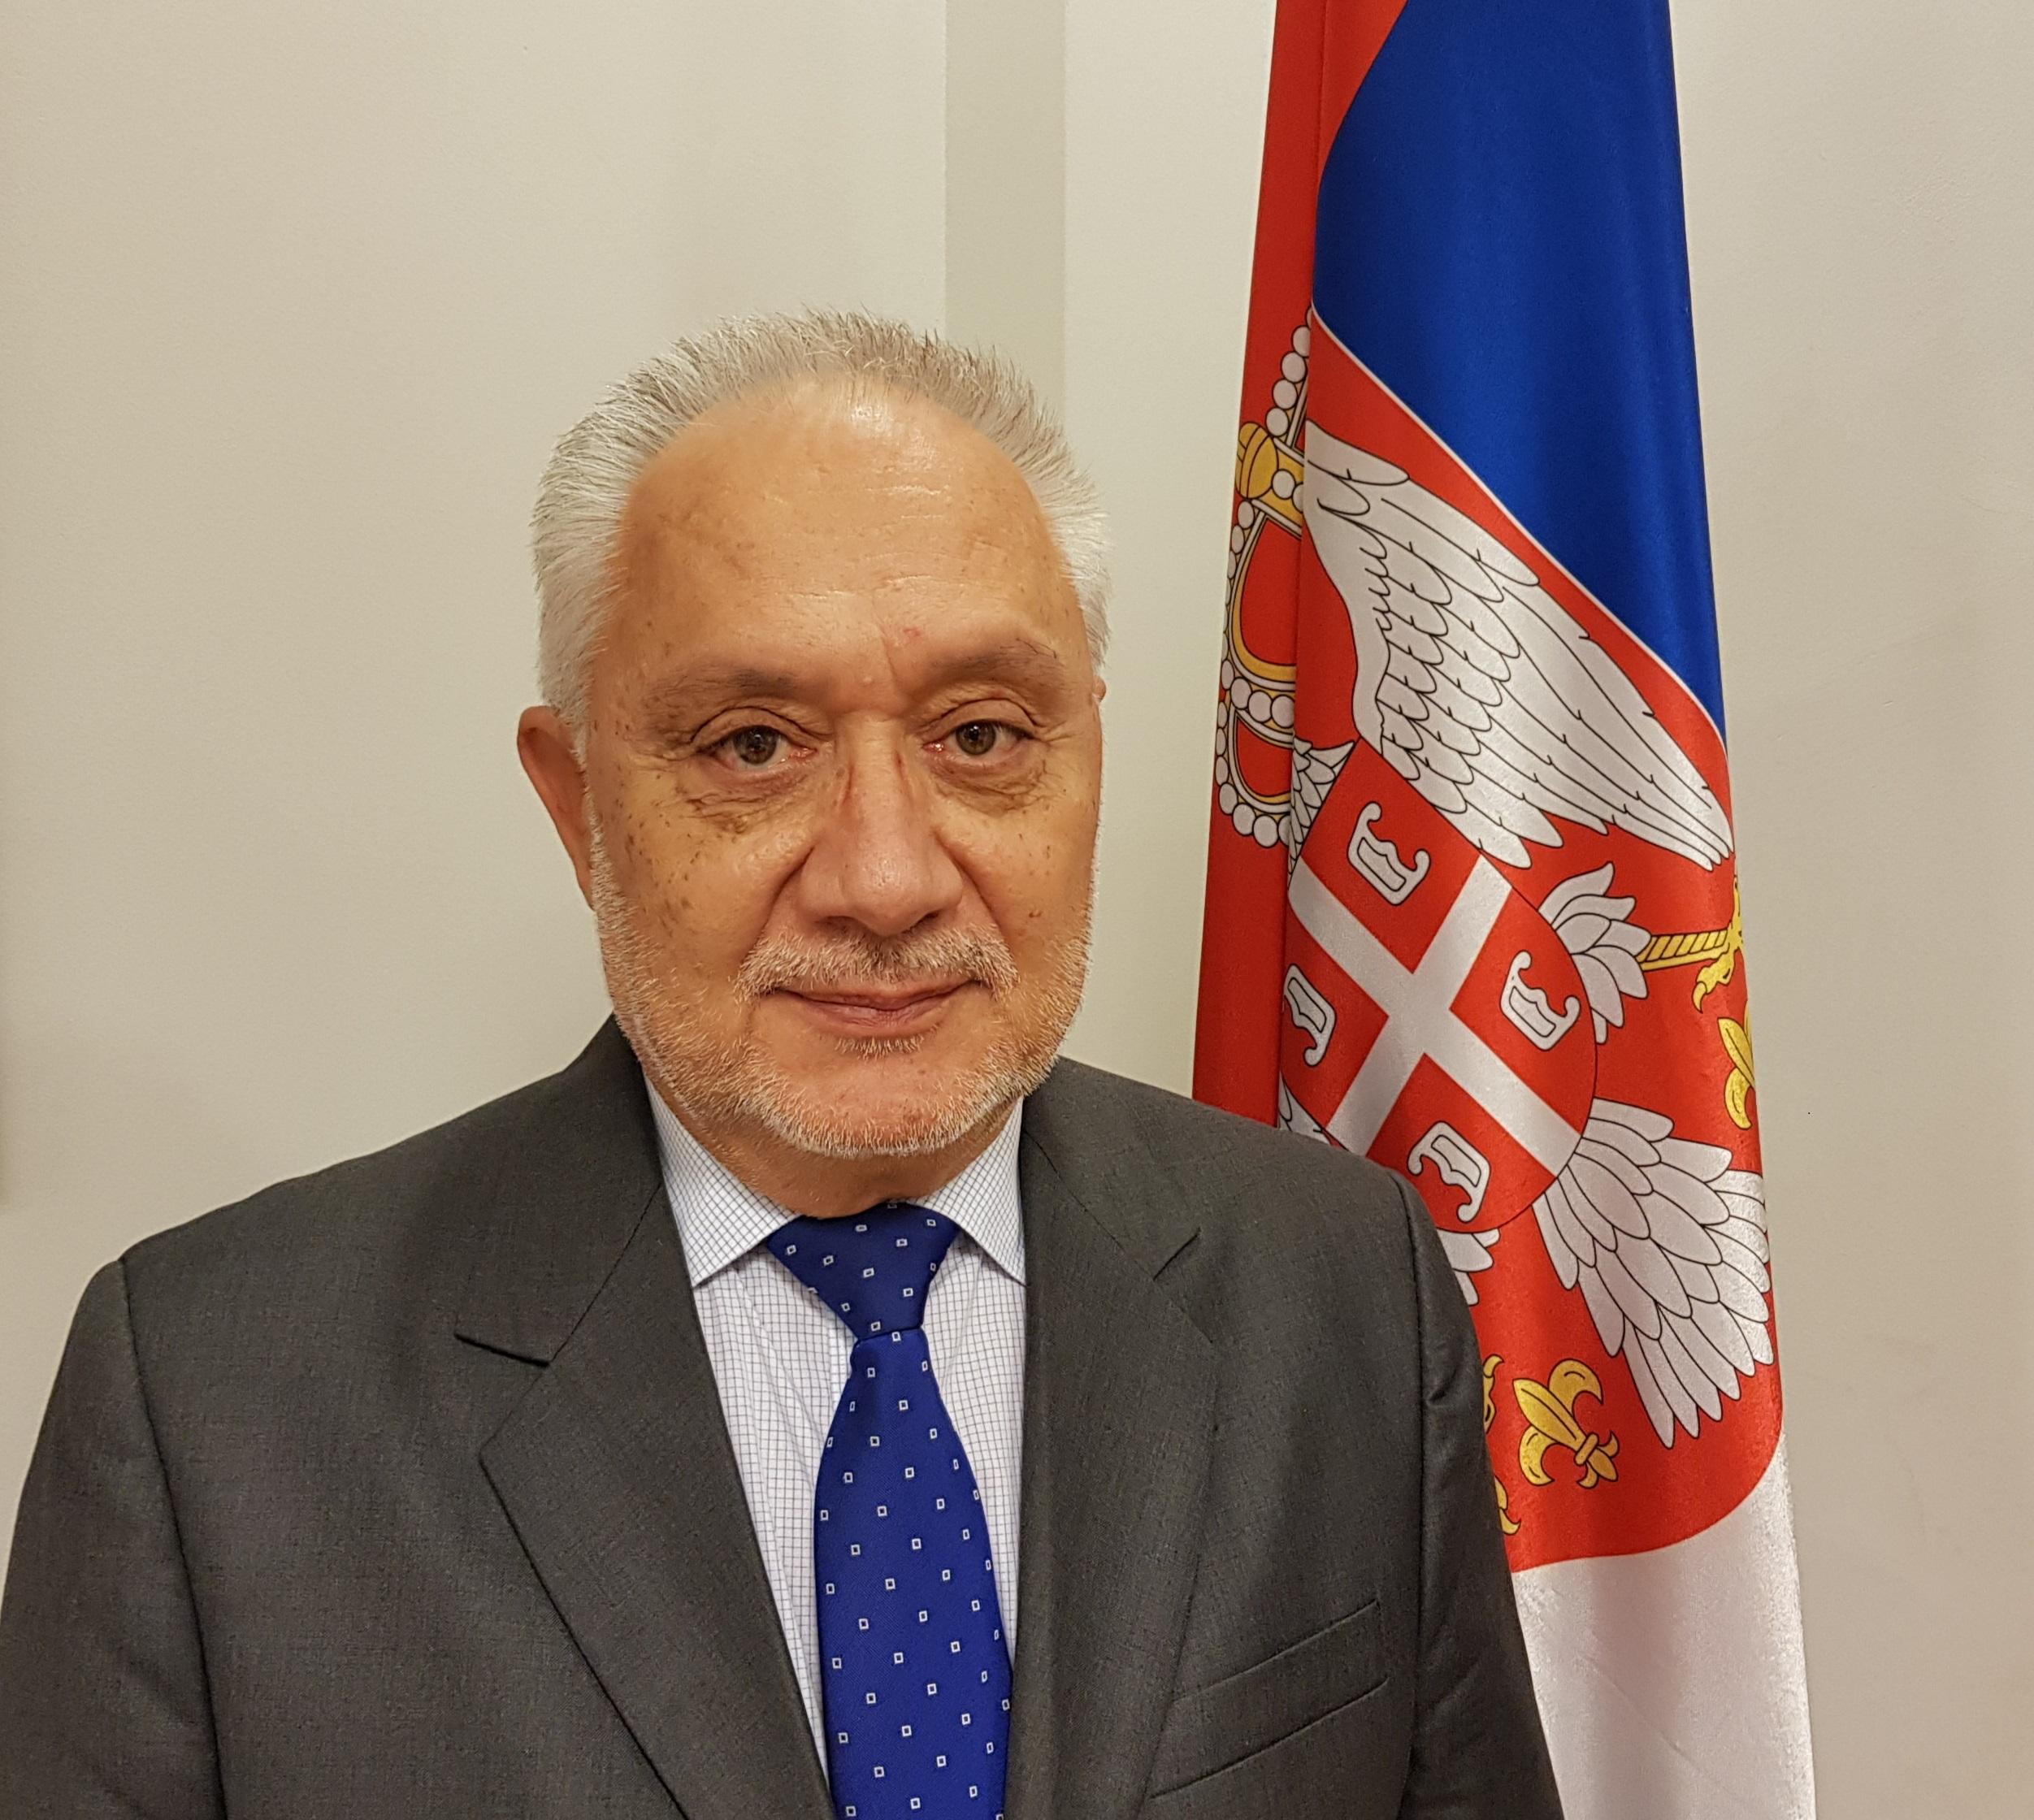 Ambasada Republike Srbije U Republici Poljskoj